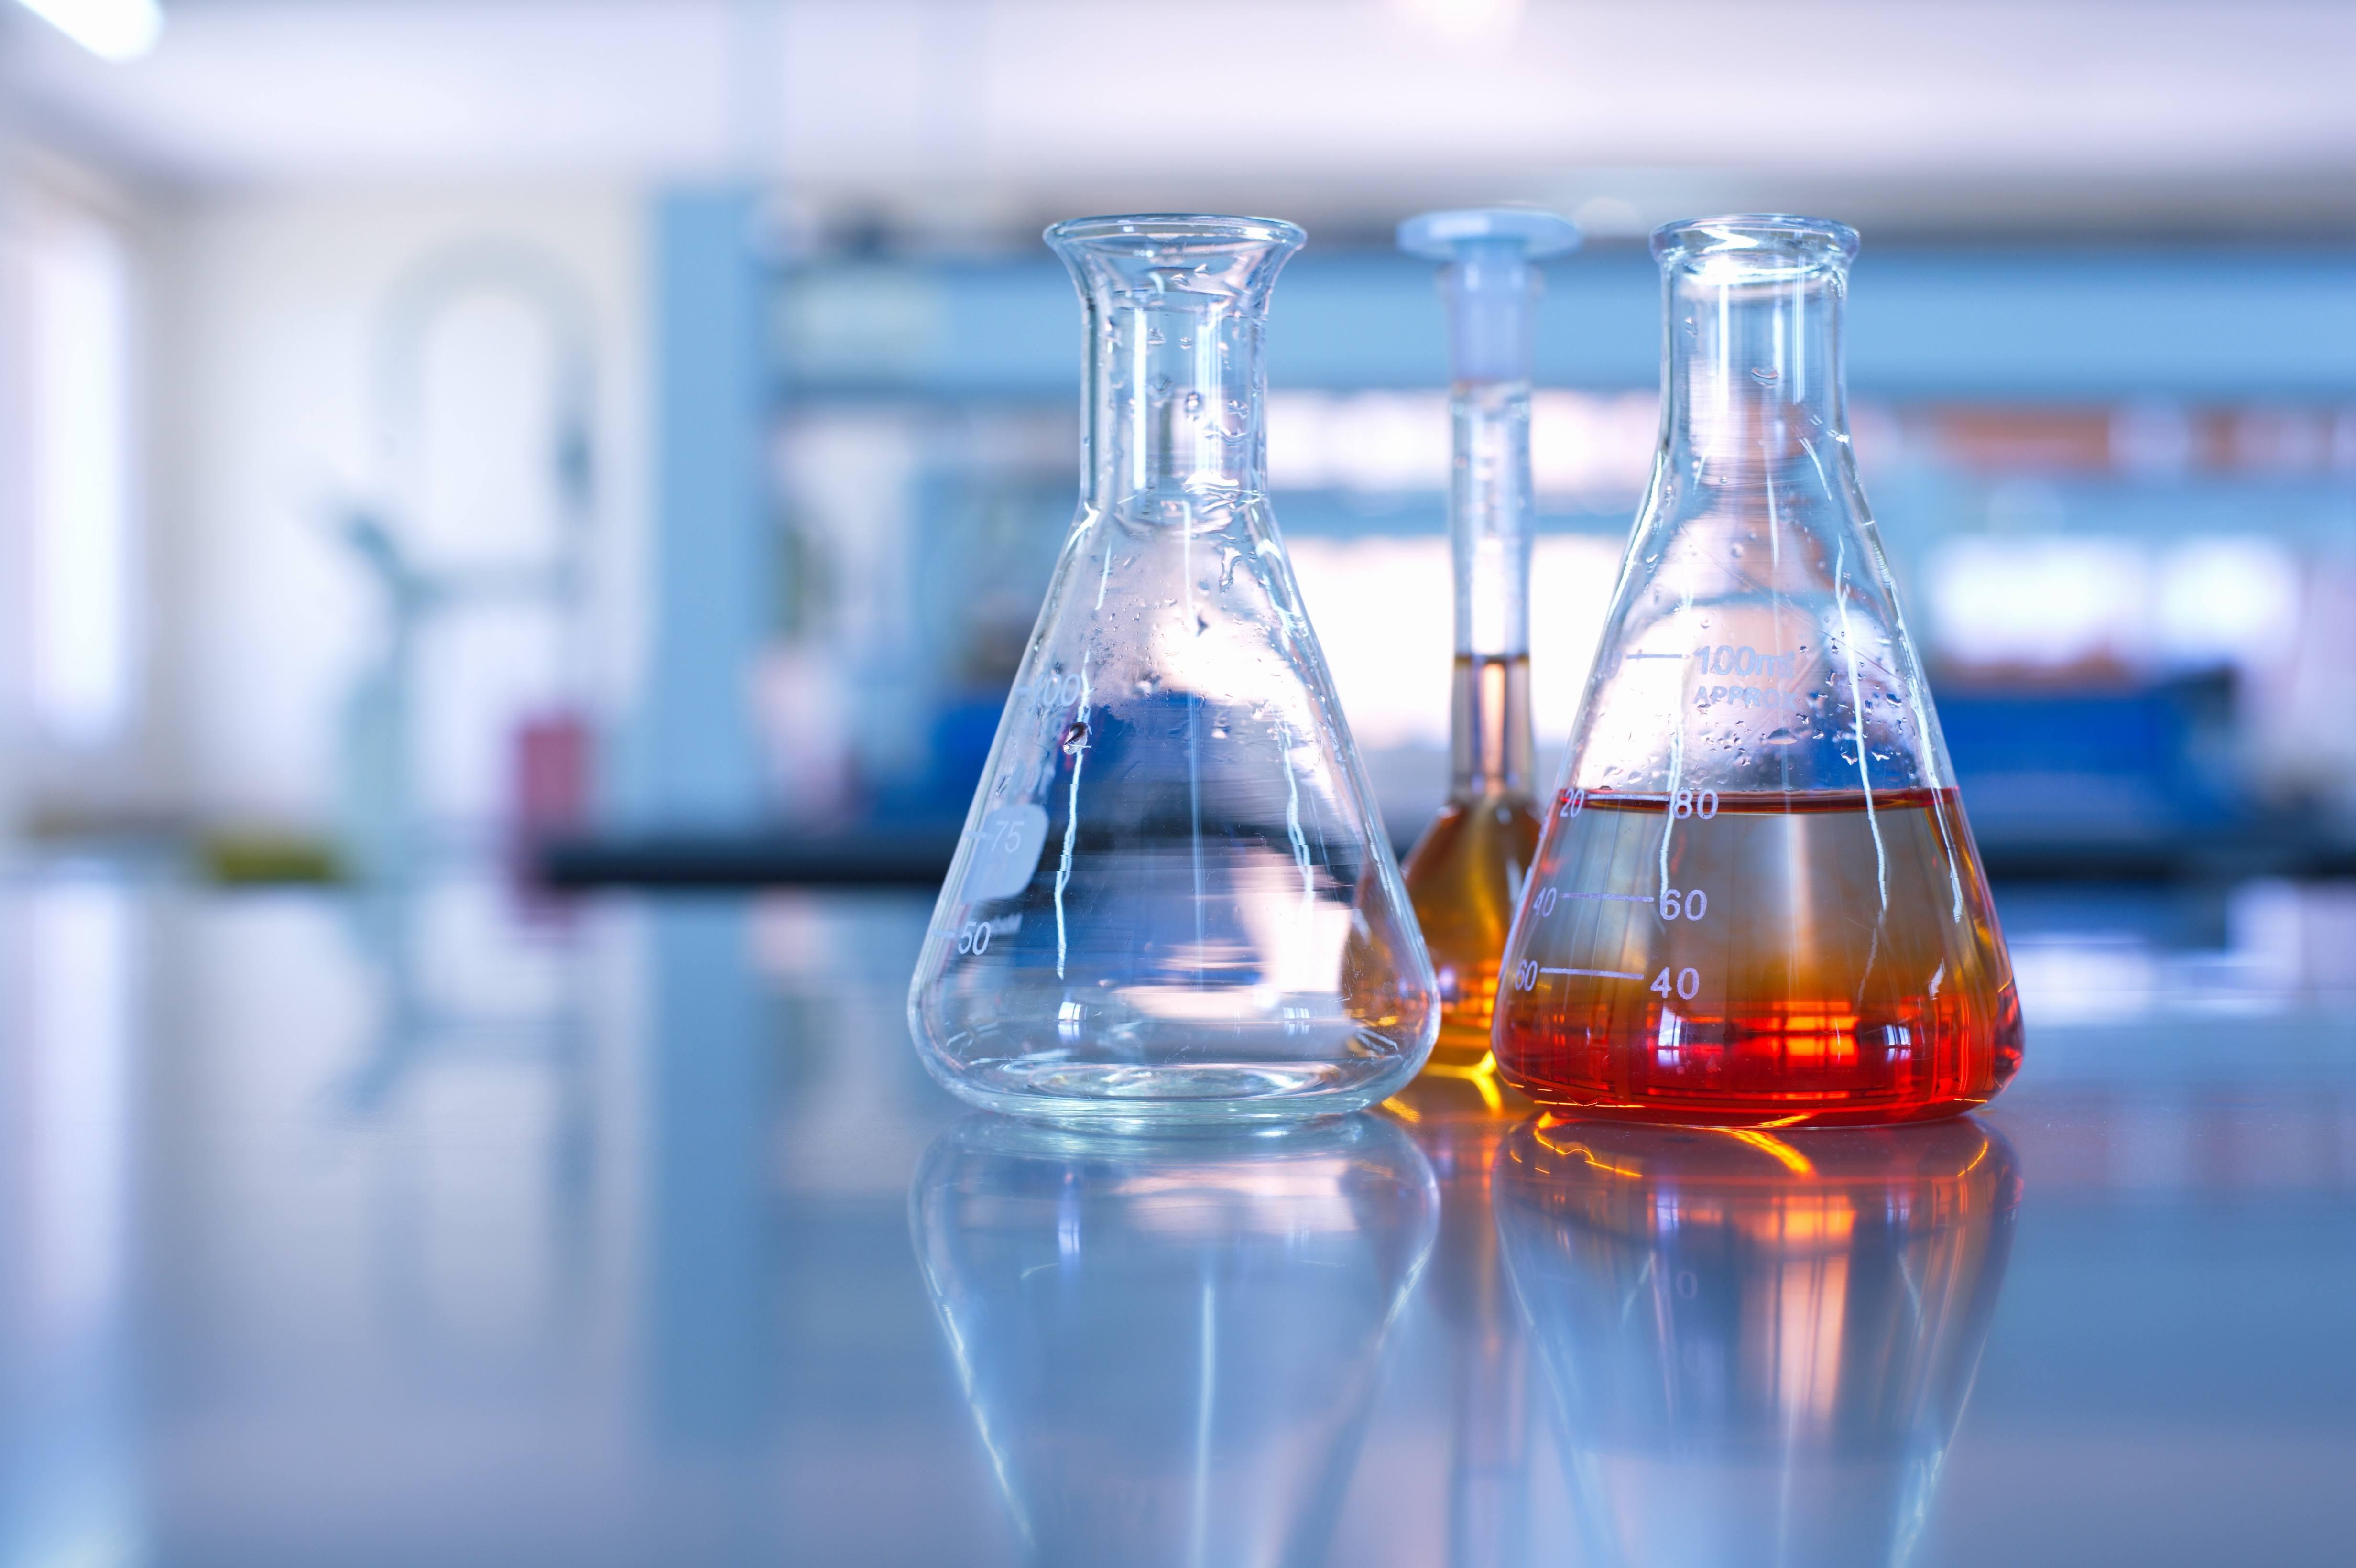 حقائق كيميائية مشوقة و ممتعة